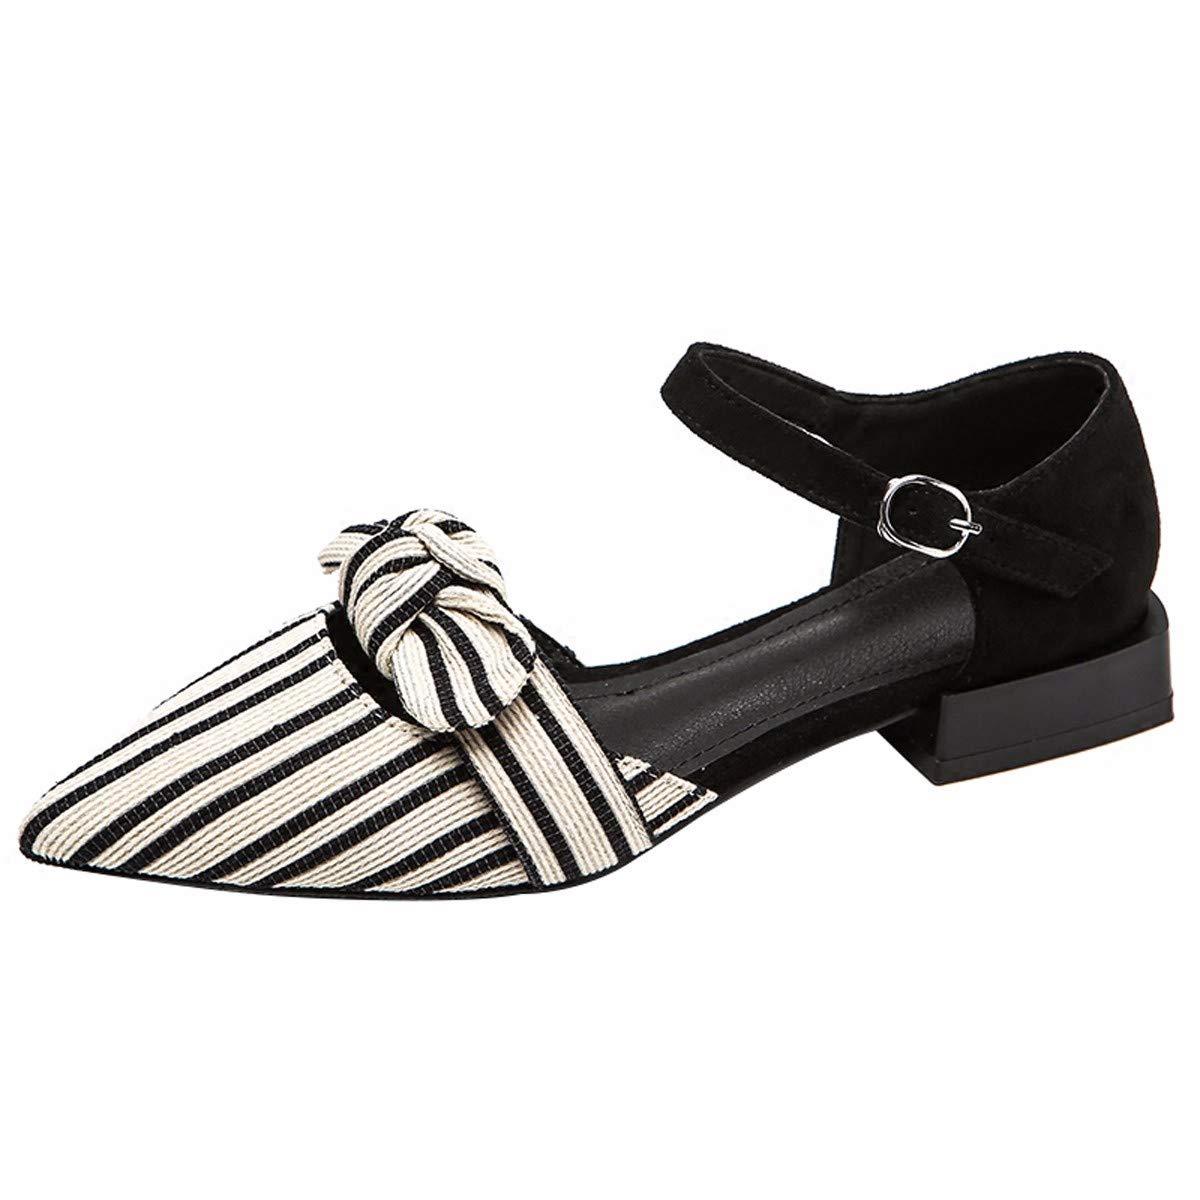 KPHY-Darauf Schmetterling Knoten Sandaleen Baotou Schuhe Flache Schuhe cm 38 Schwarz